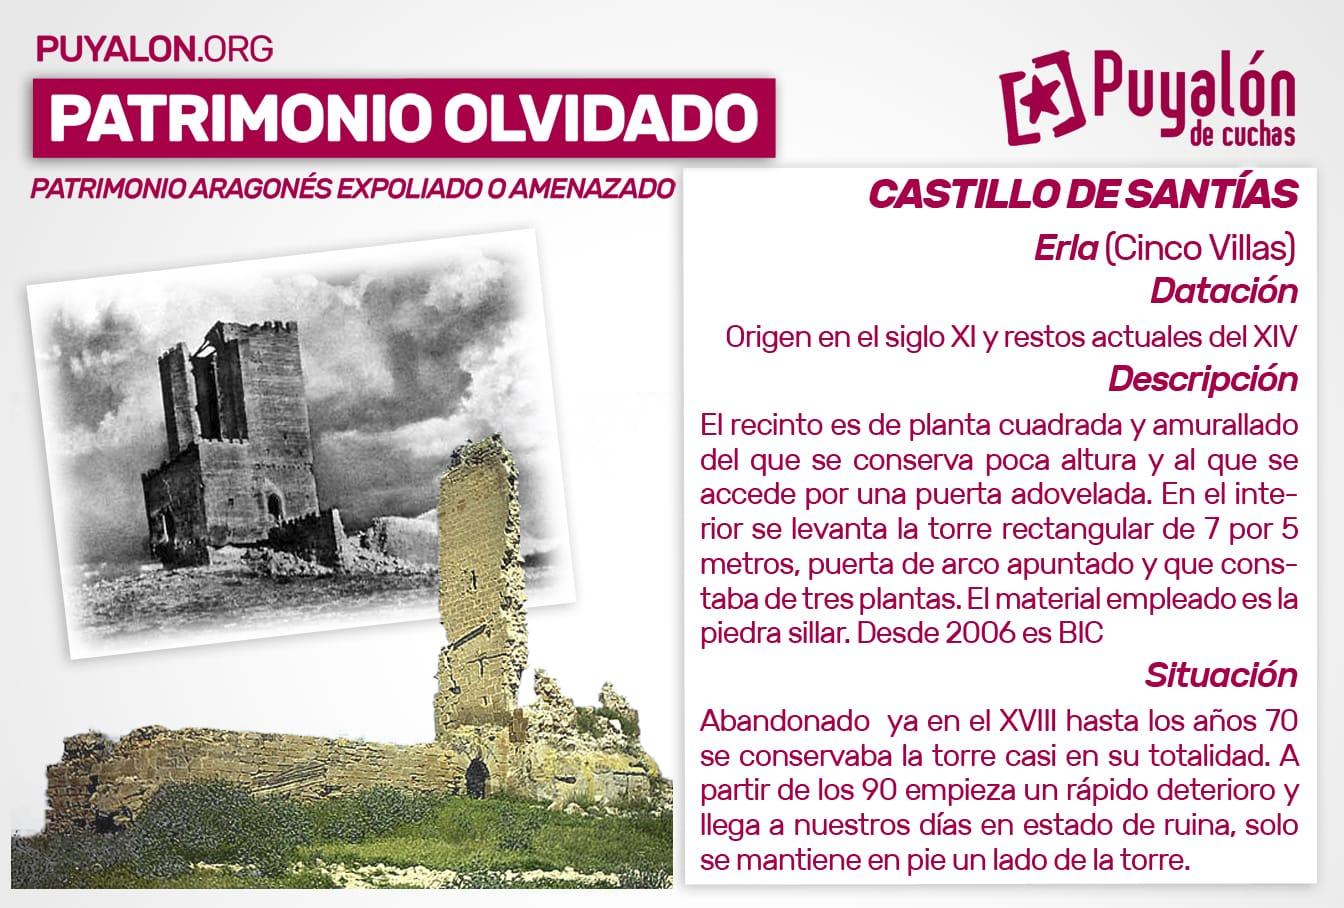 castillo santias Erla